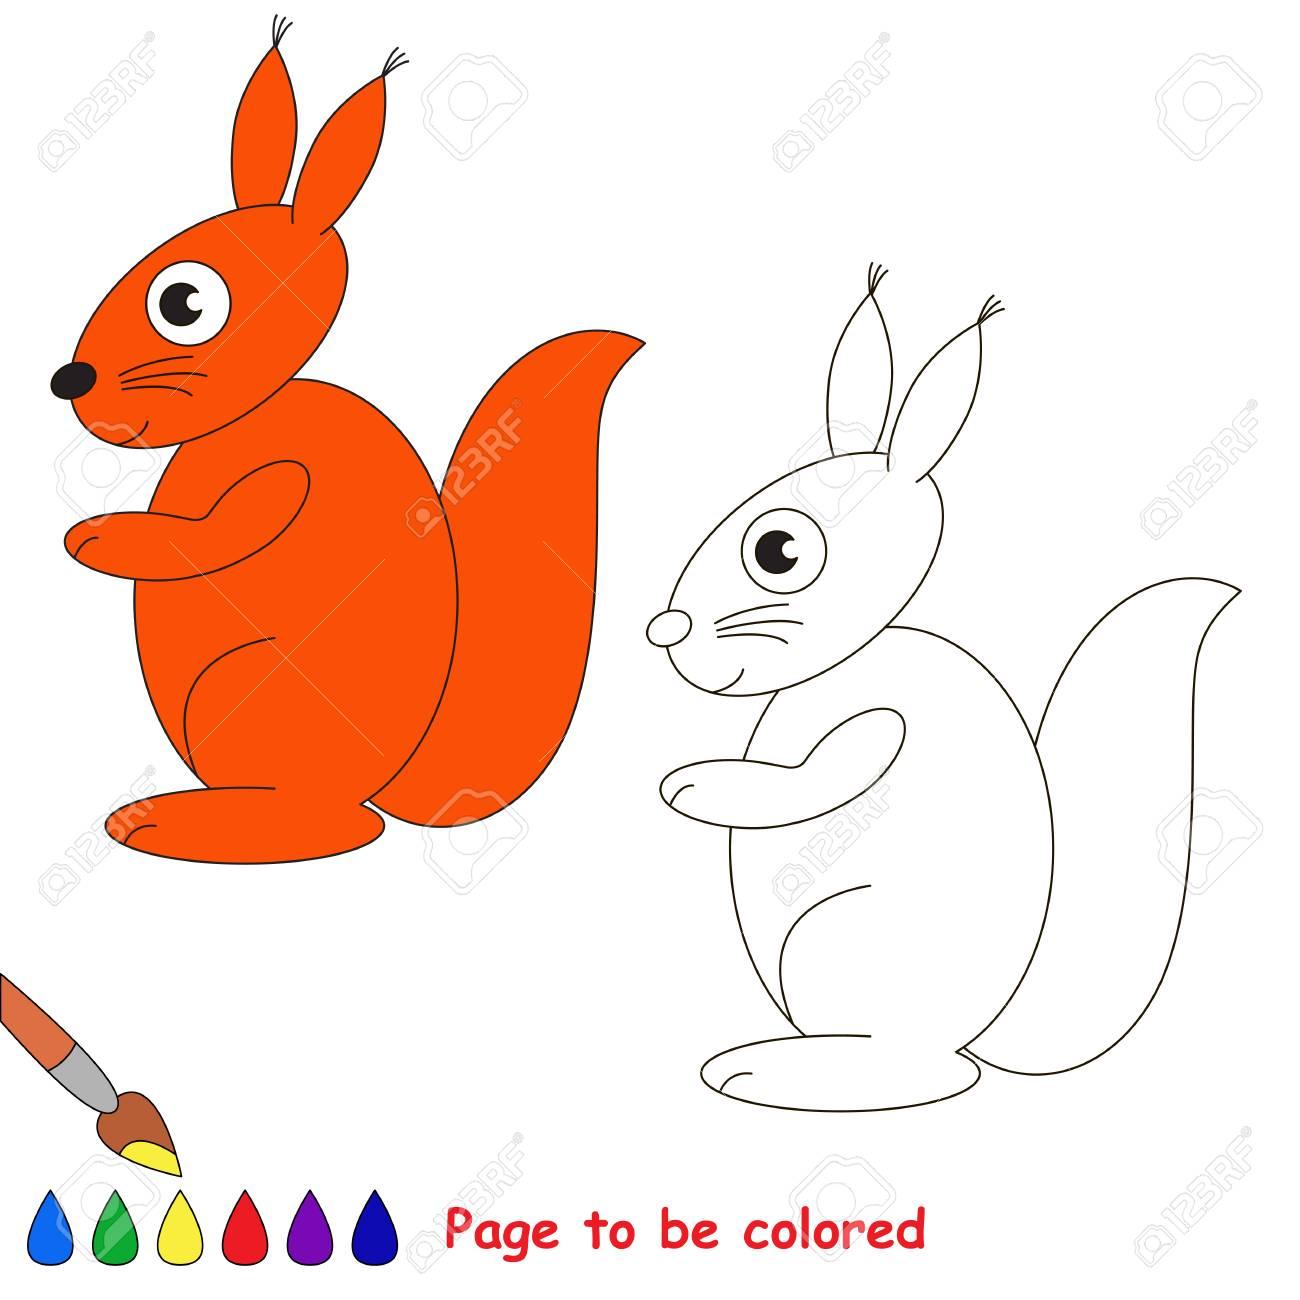 Immagini Stock Lo Scoiattolo Da Colorare Il Libro Da Colorare Per